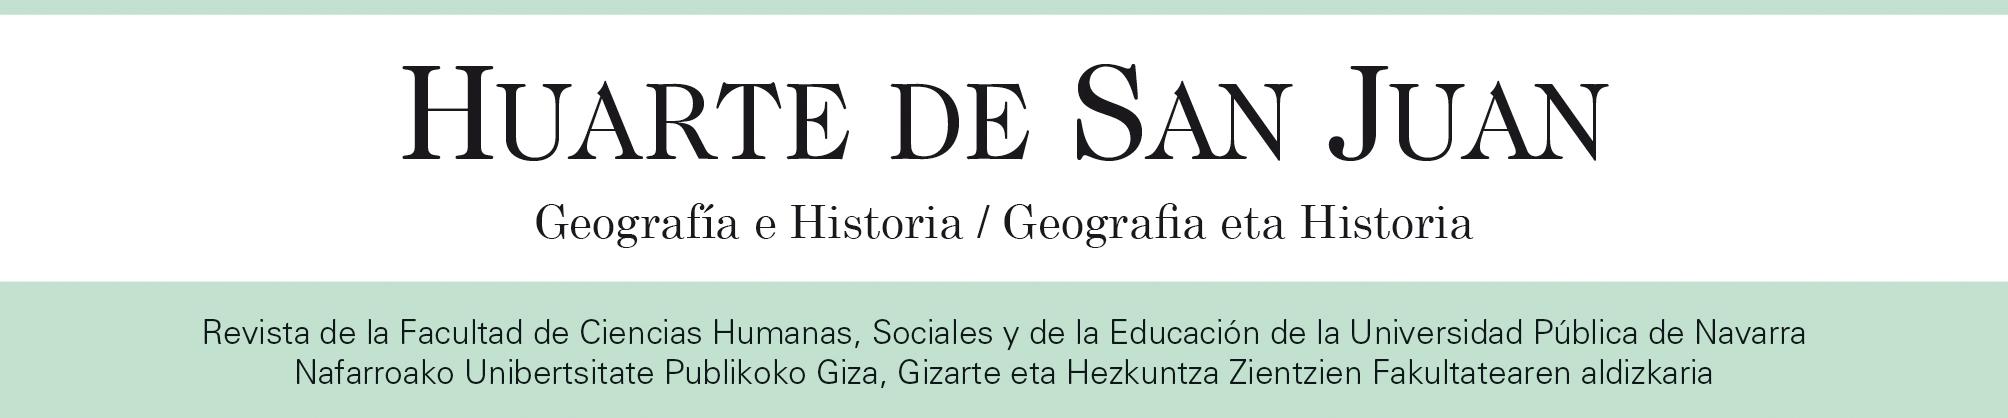 HUARTE DE SAN JUAN. GEOGRAFÍA E HISTORIA